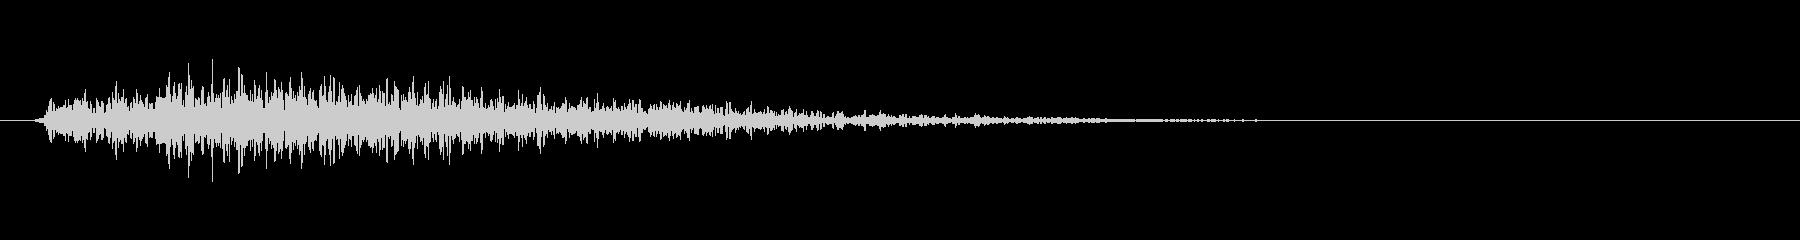 機械音・物音(ガタン)の未再生の波形